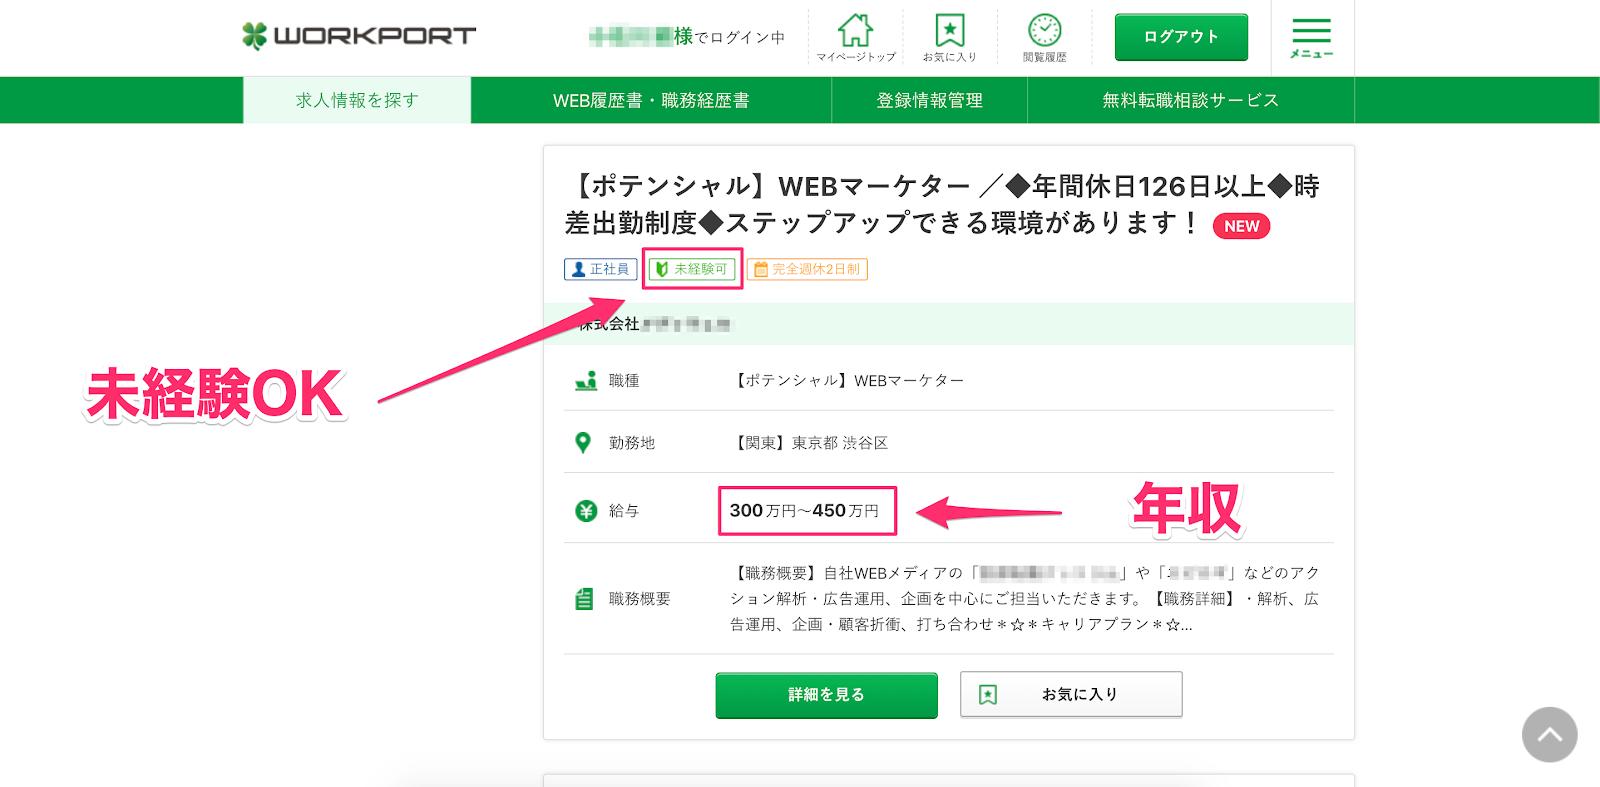 未経験OKな「Webマーケティングの求人」